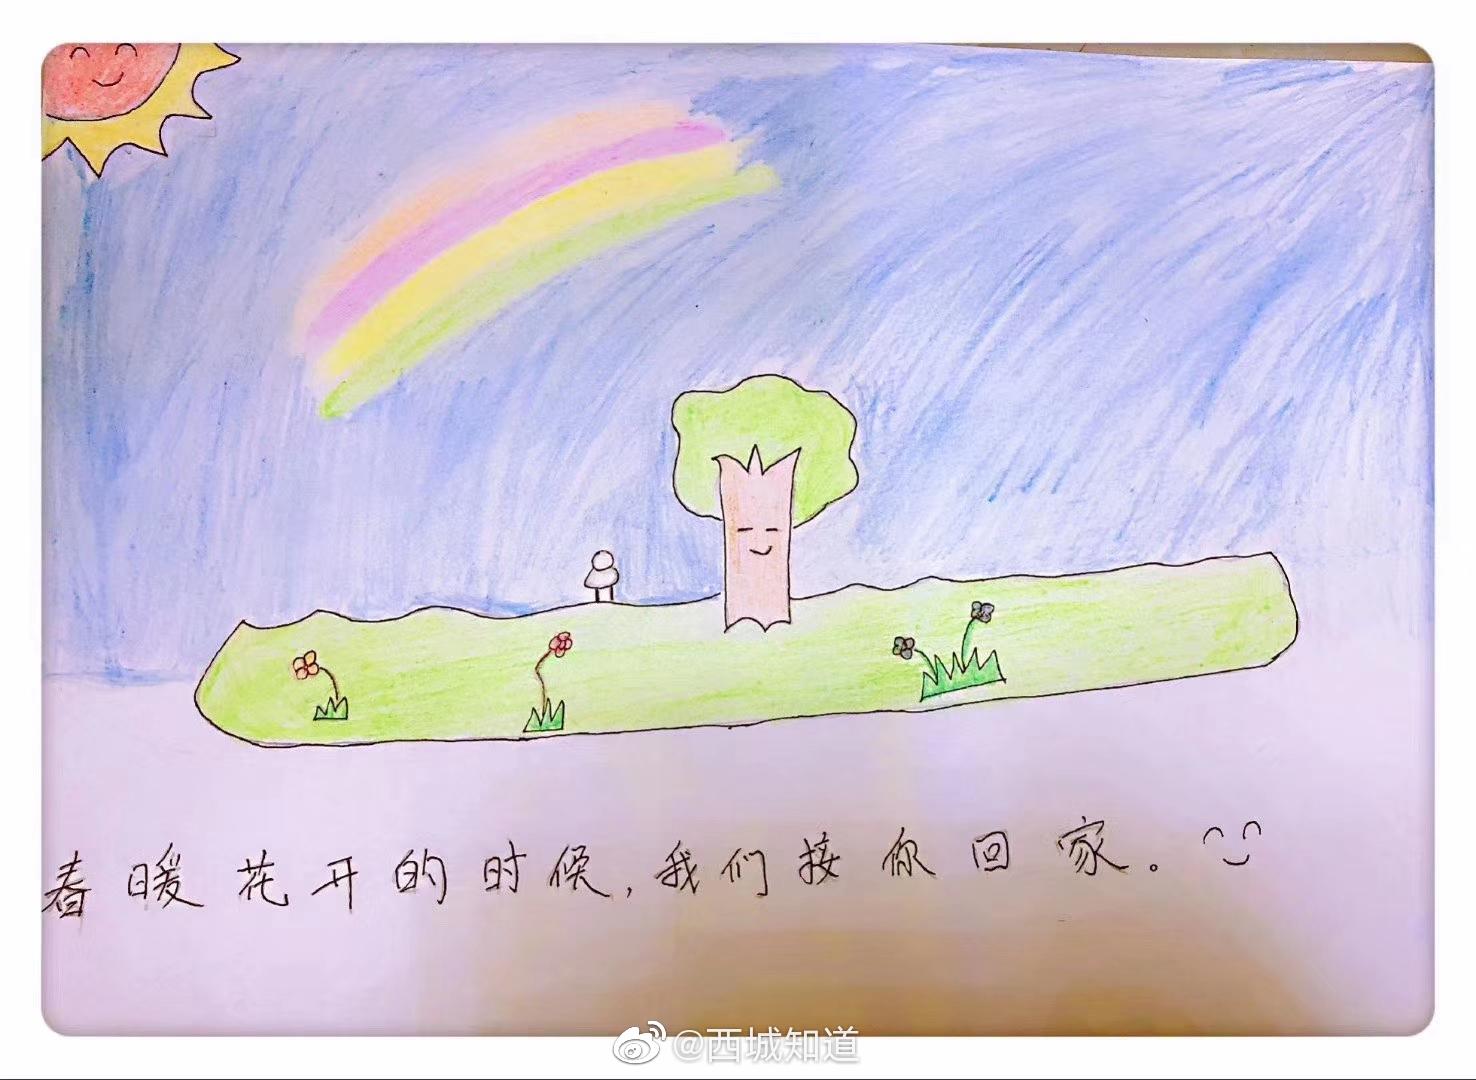 武汉加油|朋友画的一组图,非常棒,宣传一下